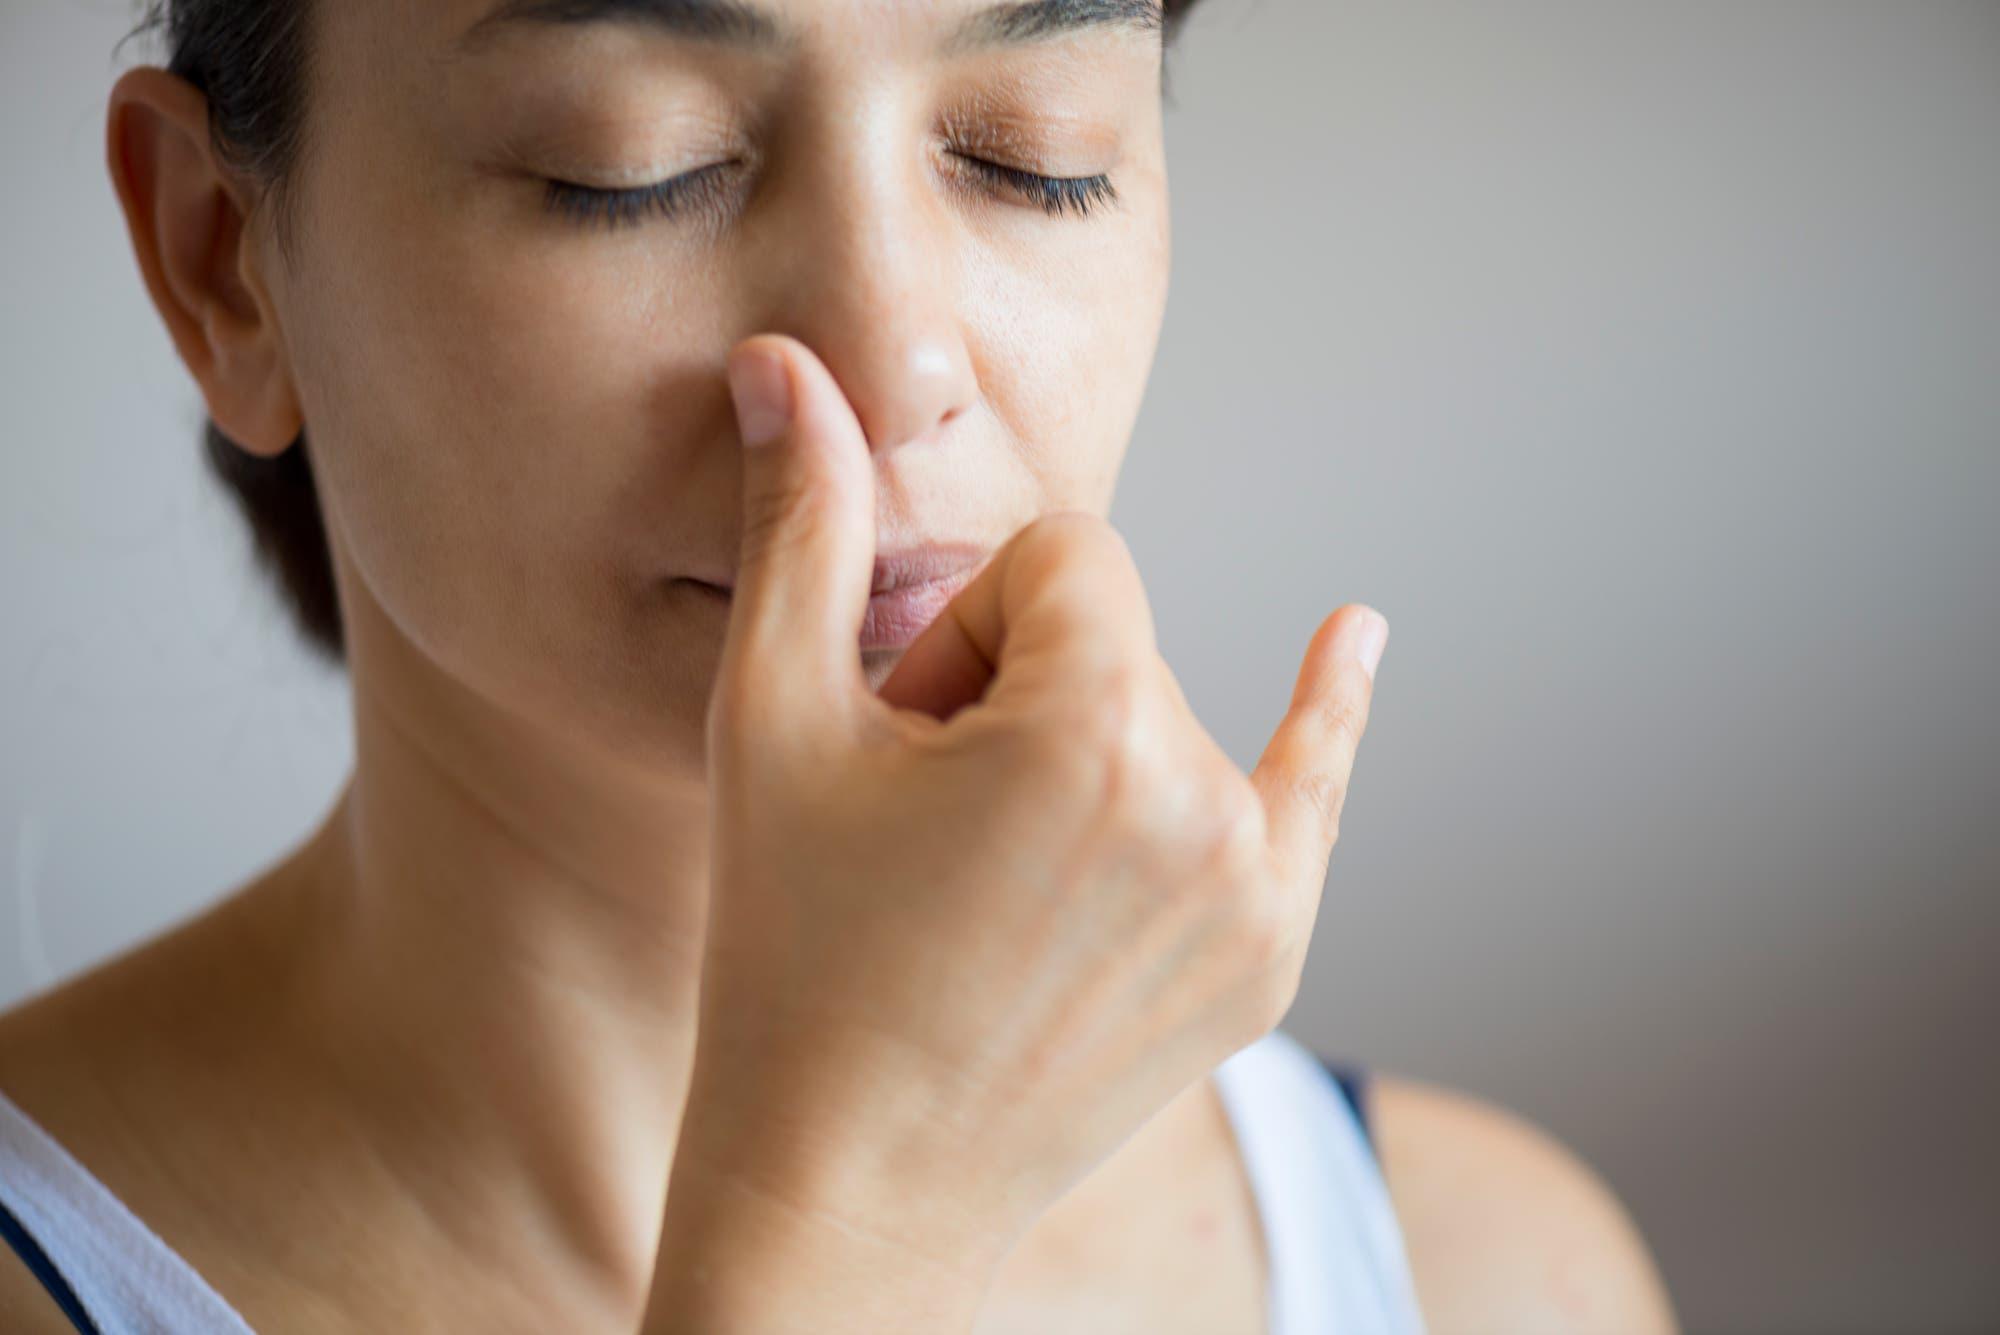 Frau demonstriert Wechselatmung durch die Nase